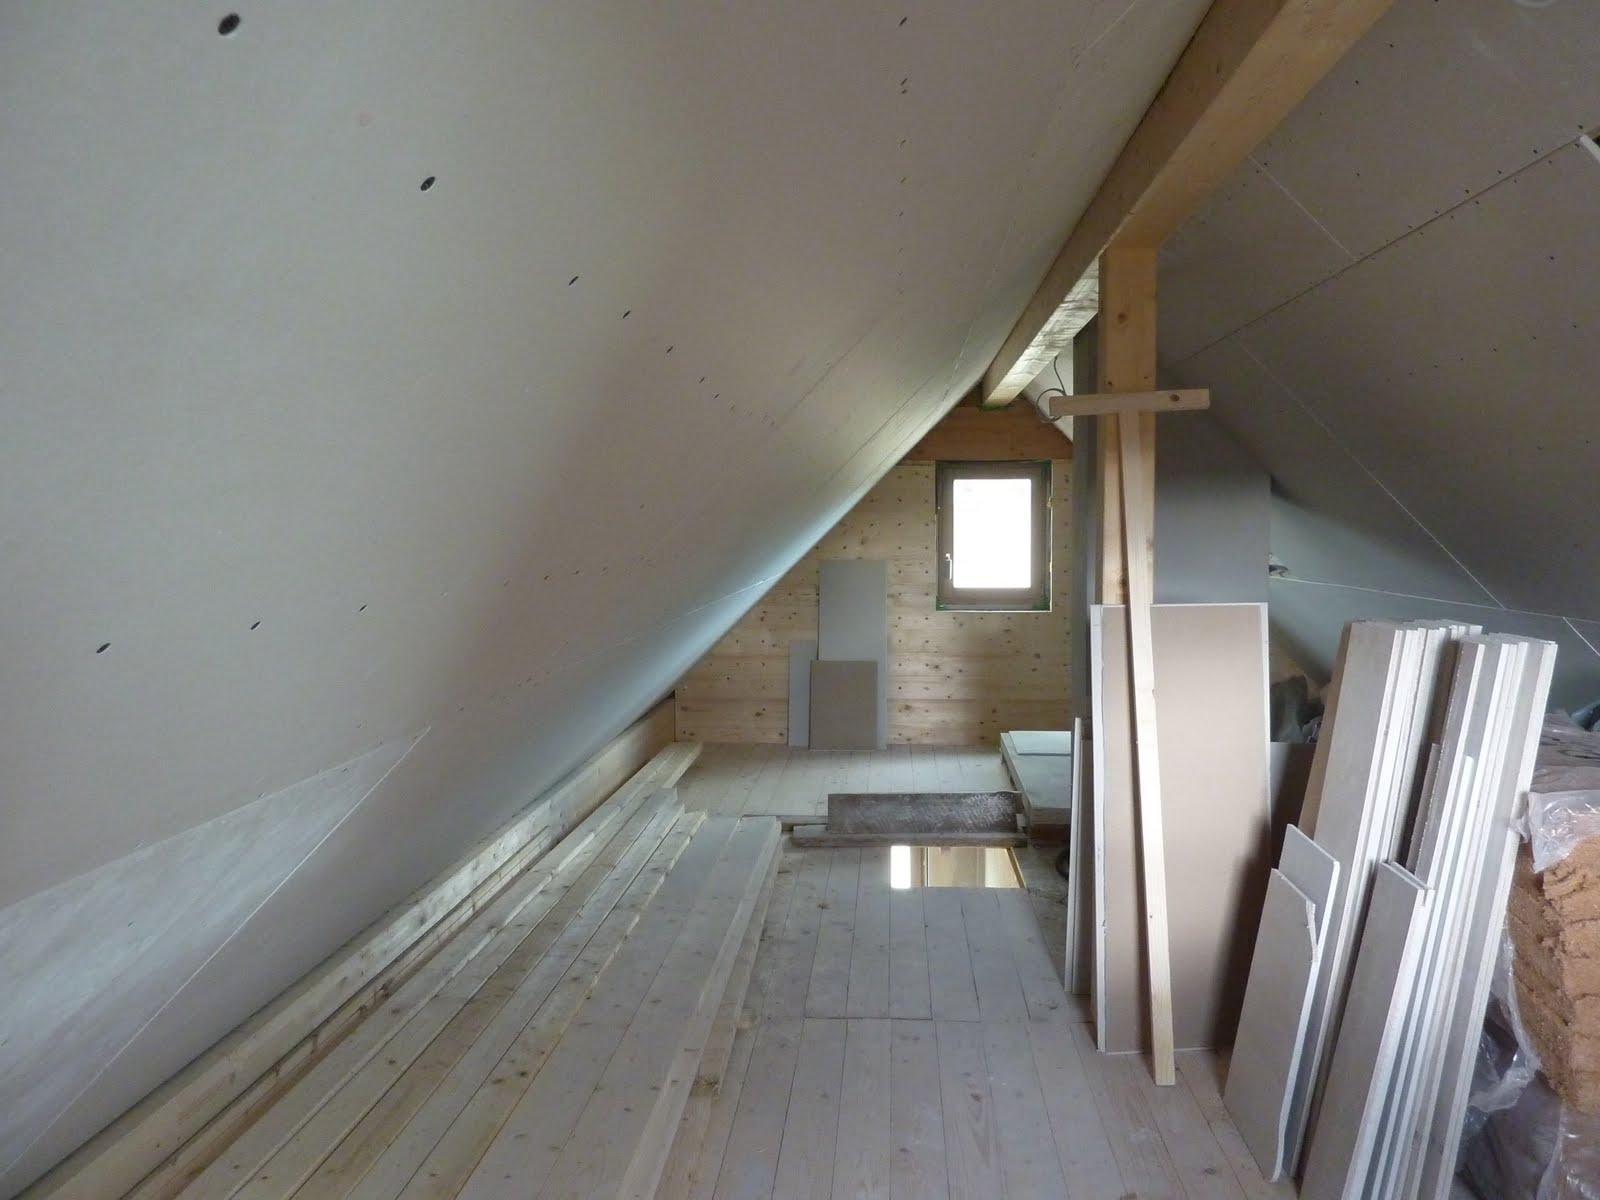 hausbau mit murr holzhaus neuburg dachboden beplanken. Black Bedroom Furniture Sets. Home Design Ideas